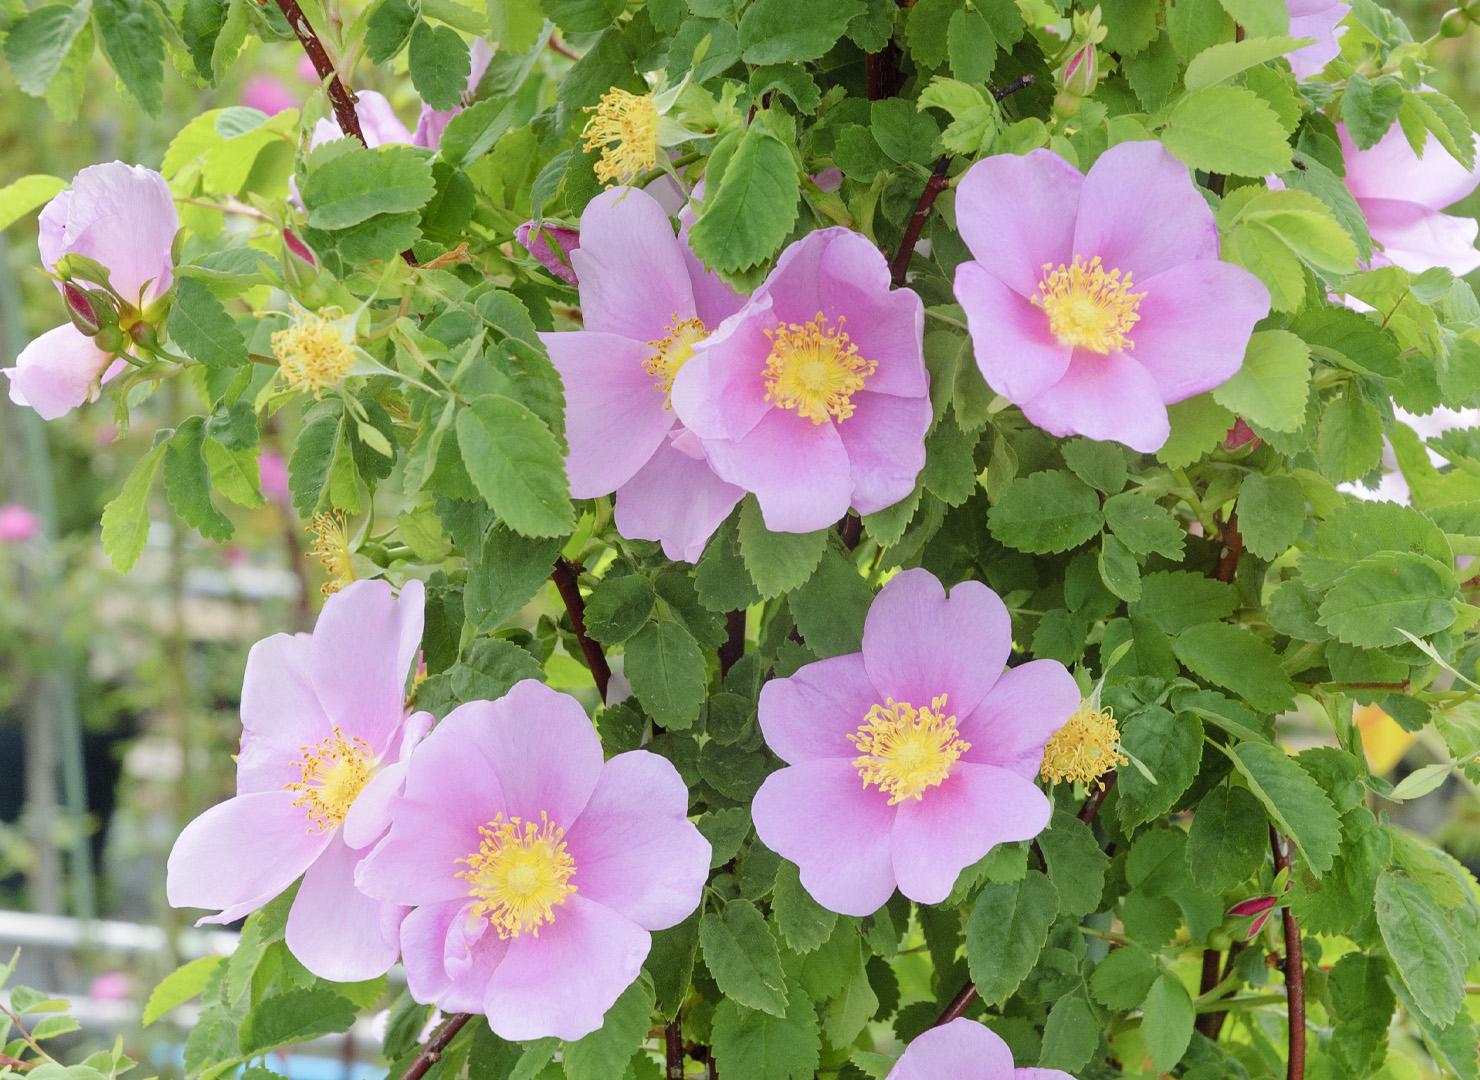 ロサ シナモメア - Rosa cinnamomea